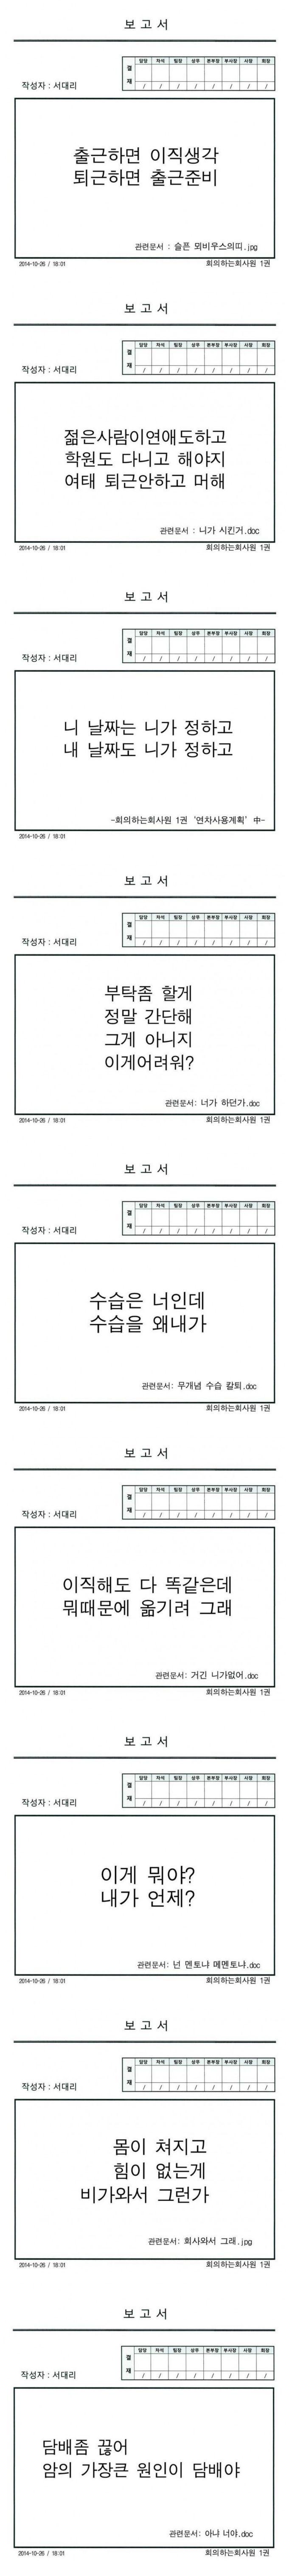 직장인 속마음 보고서 - 도깨비 뉴스